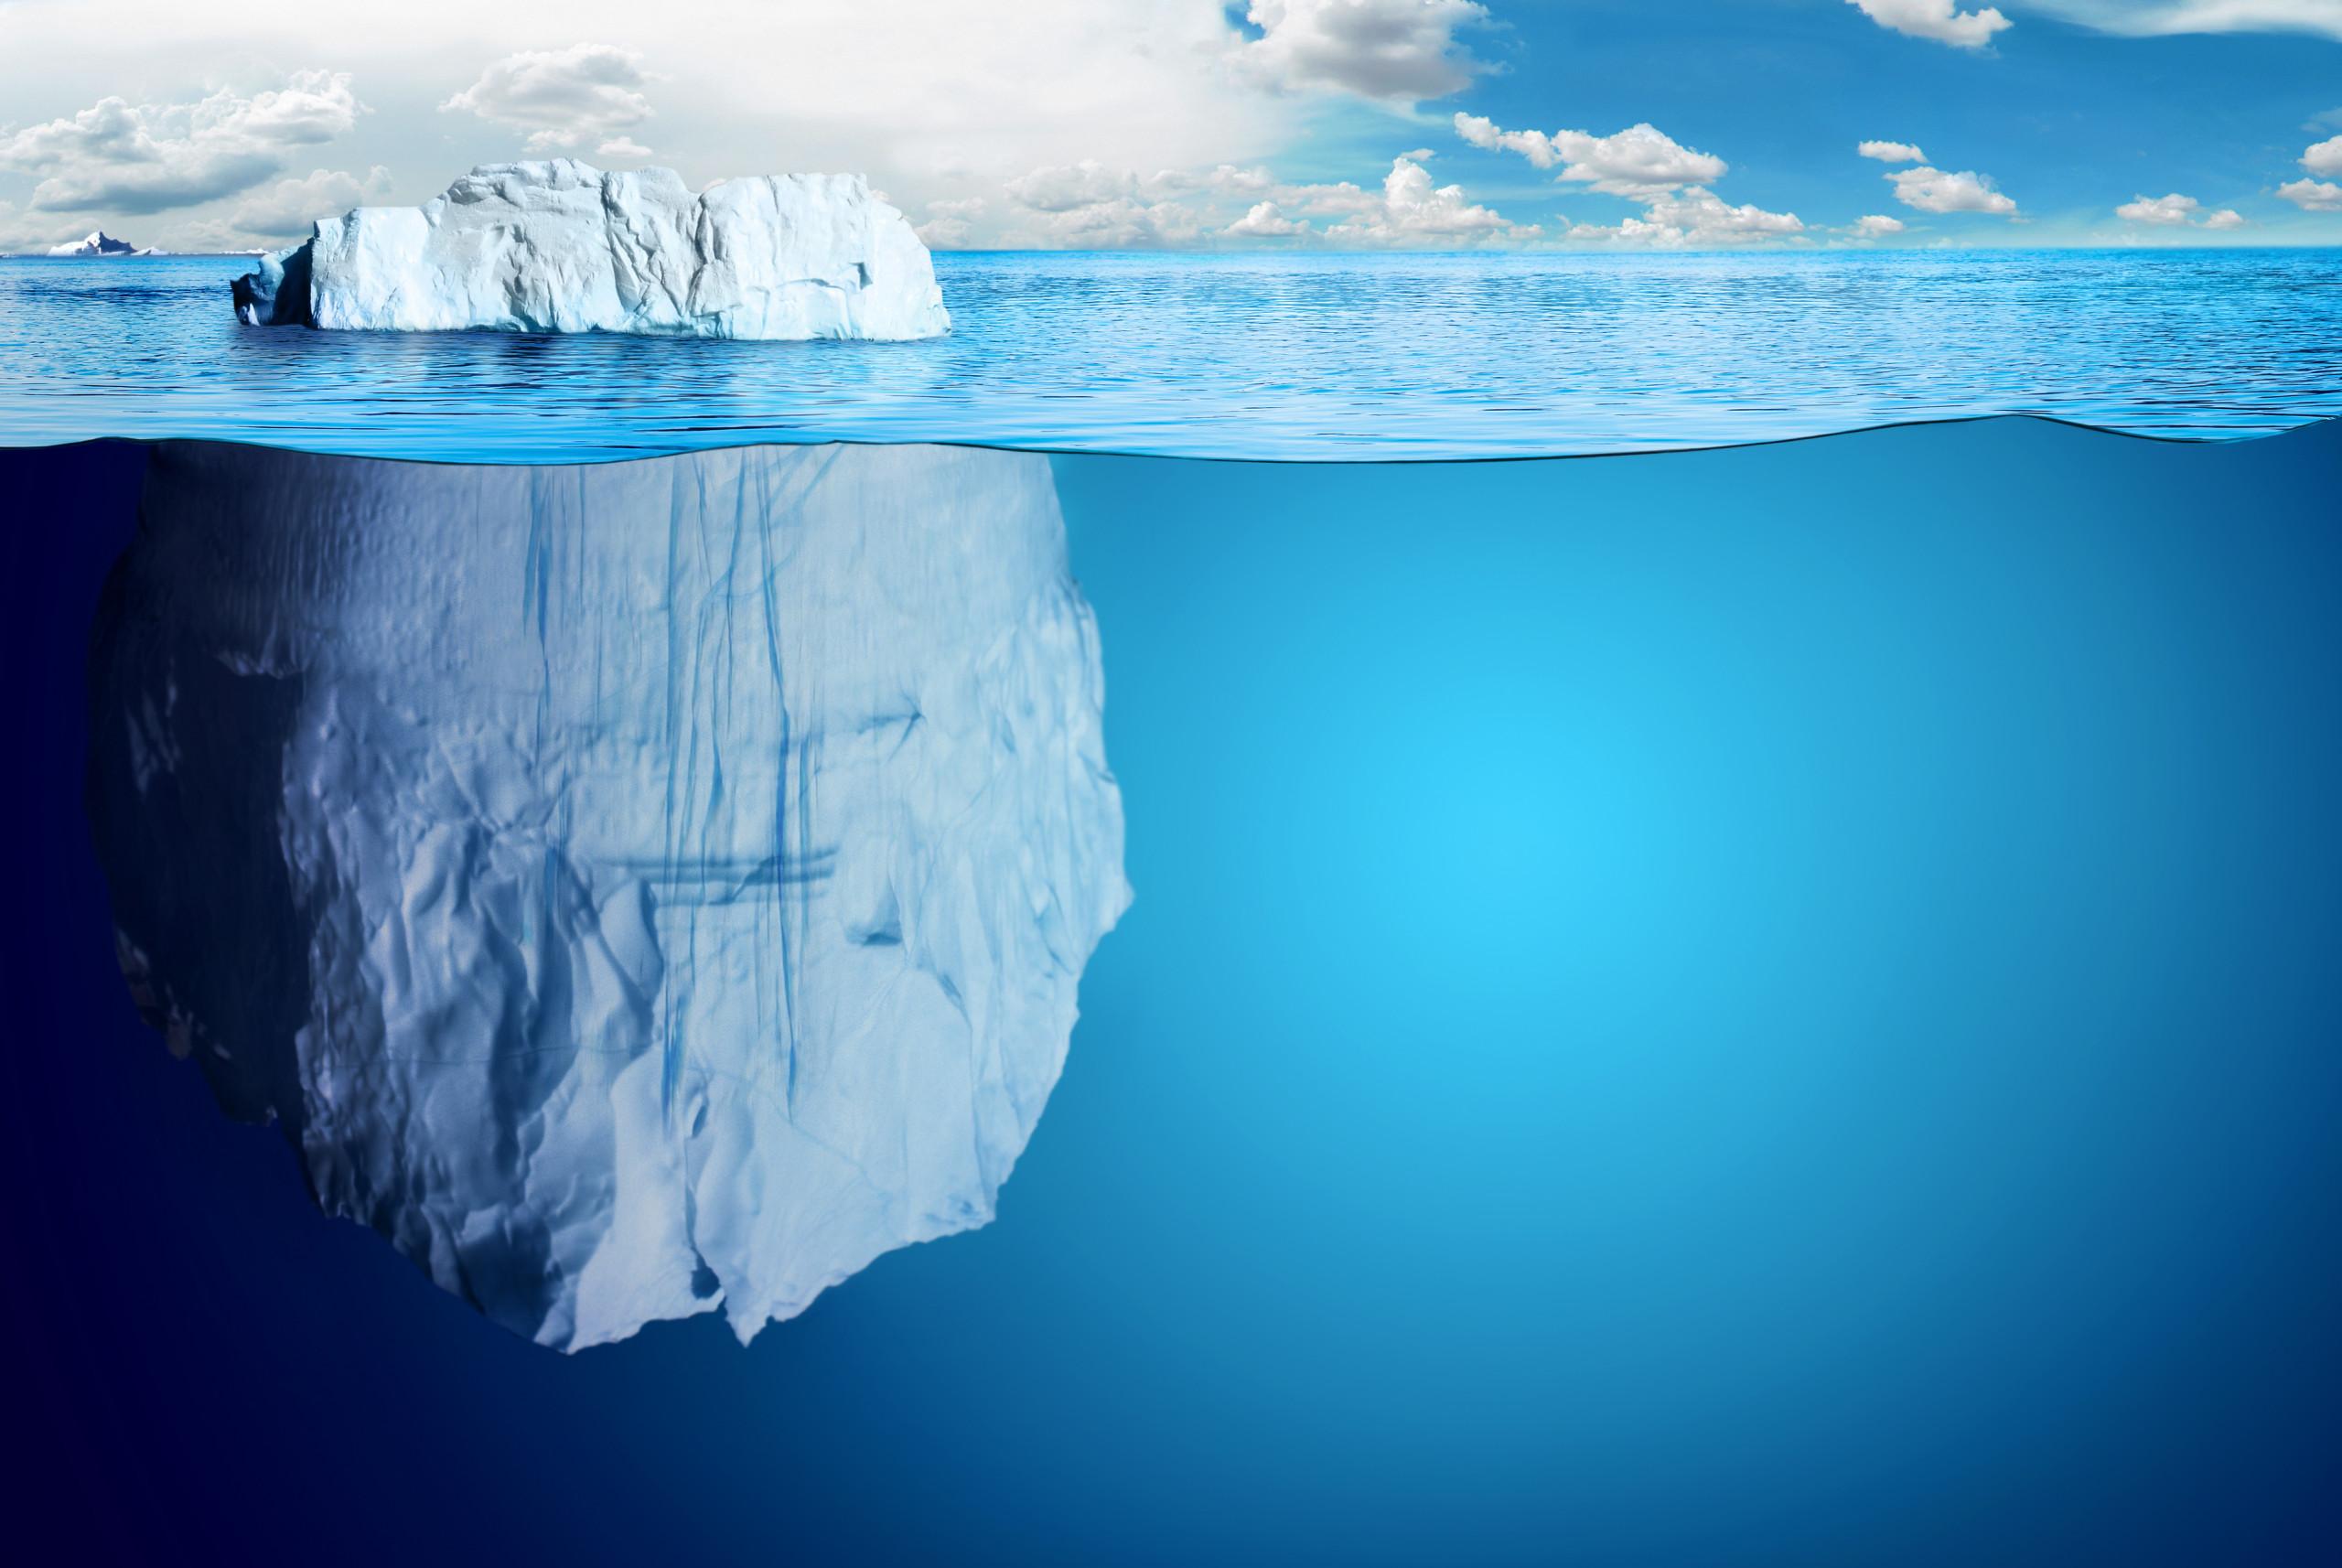 Das Geheimnis der Stillness, Eisberg in Tiefe